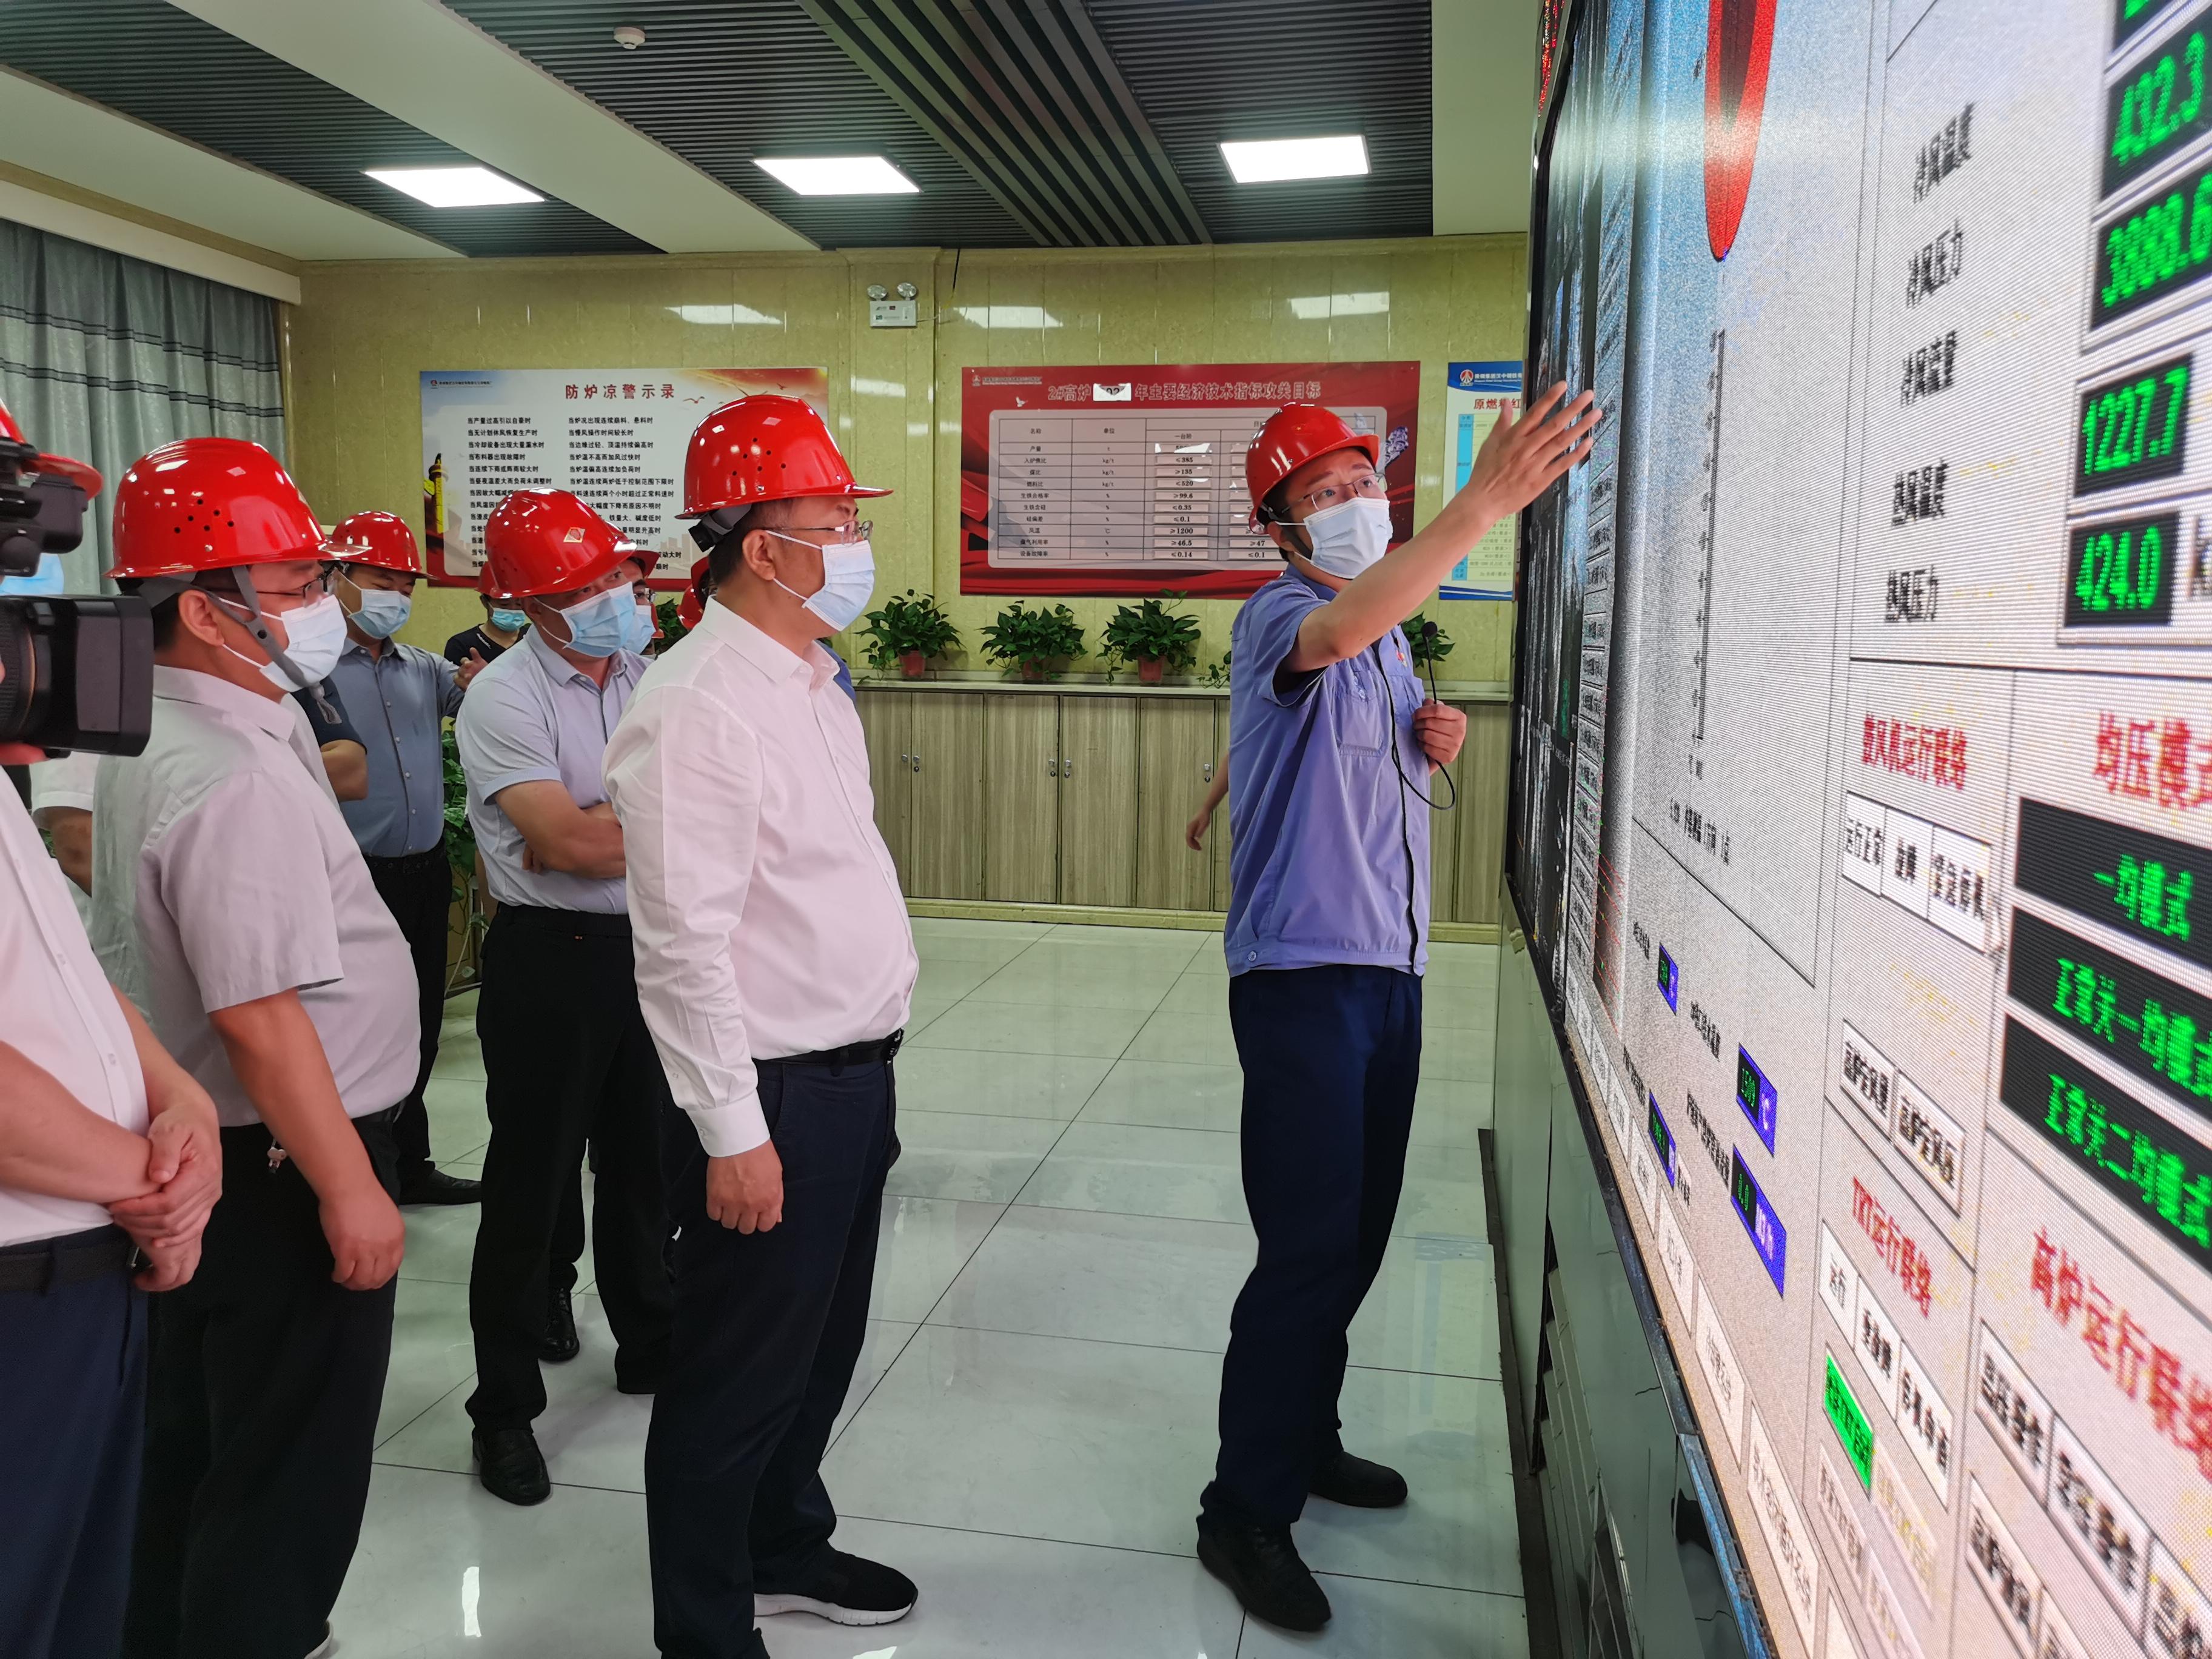 汉钢公司炼铁厂:管理创新所带来的巨变